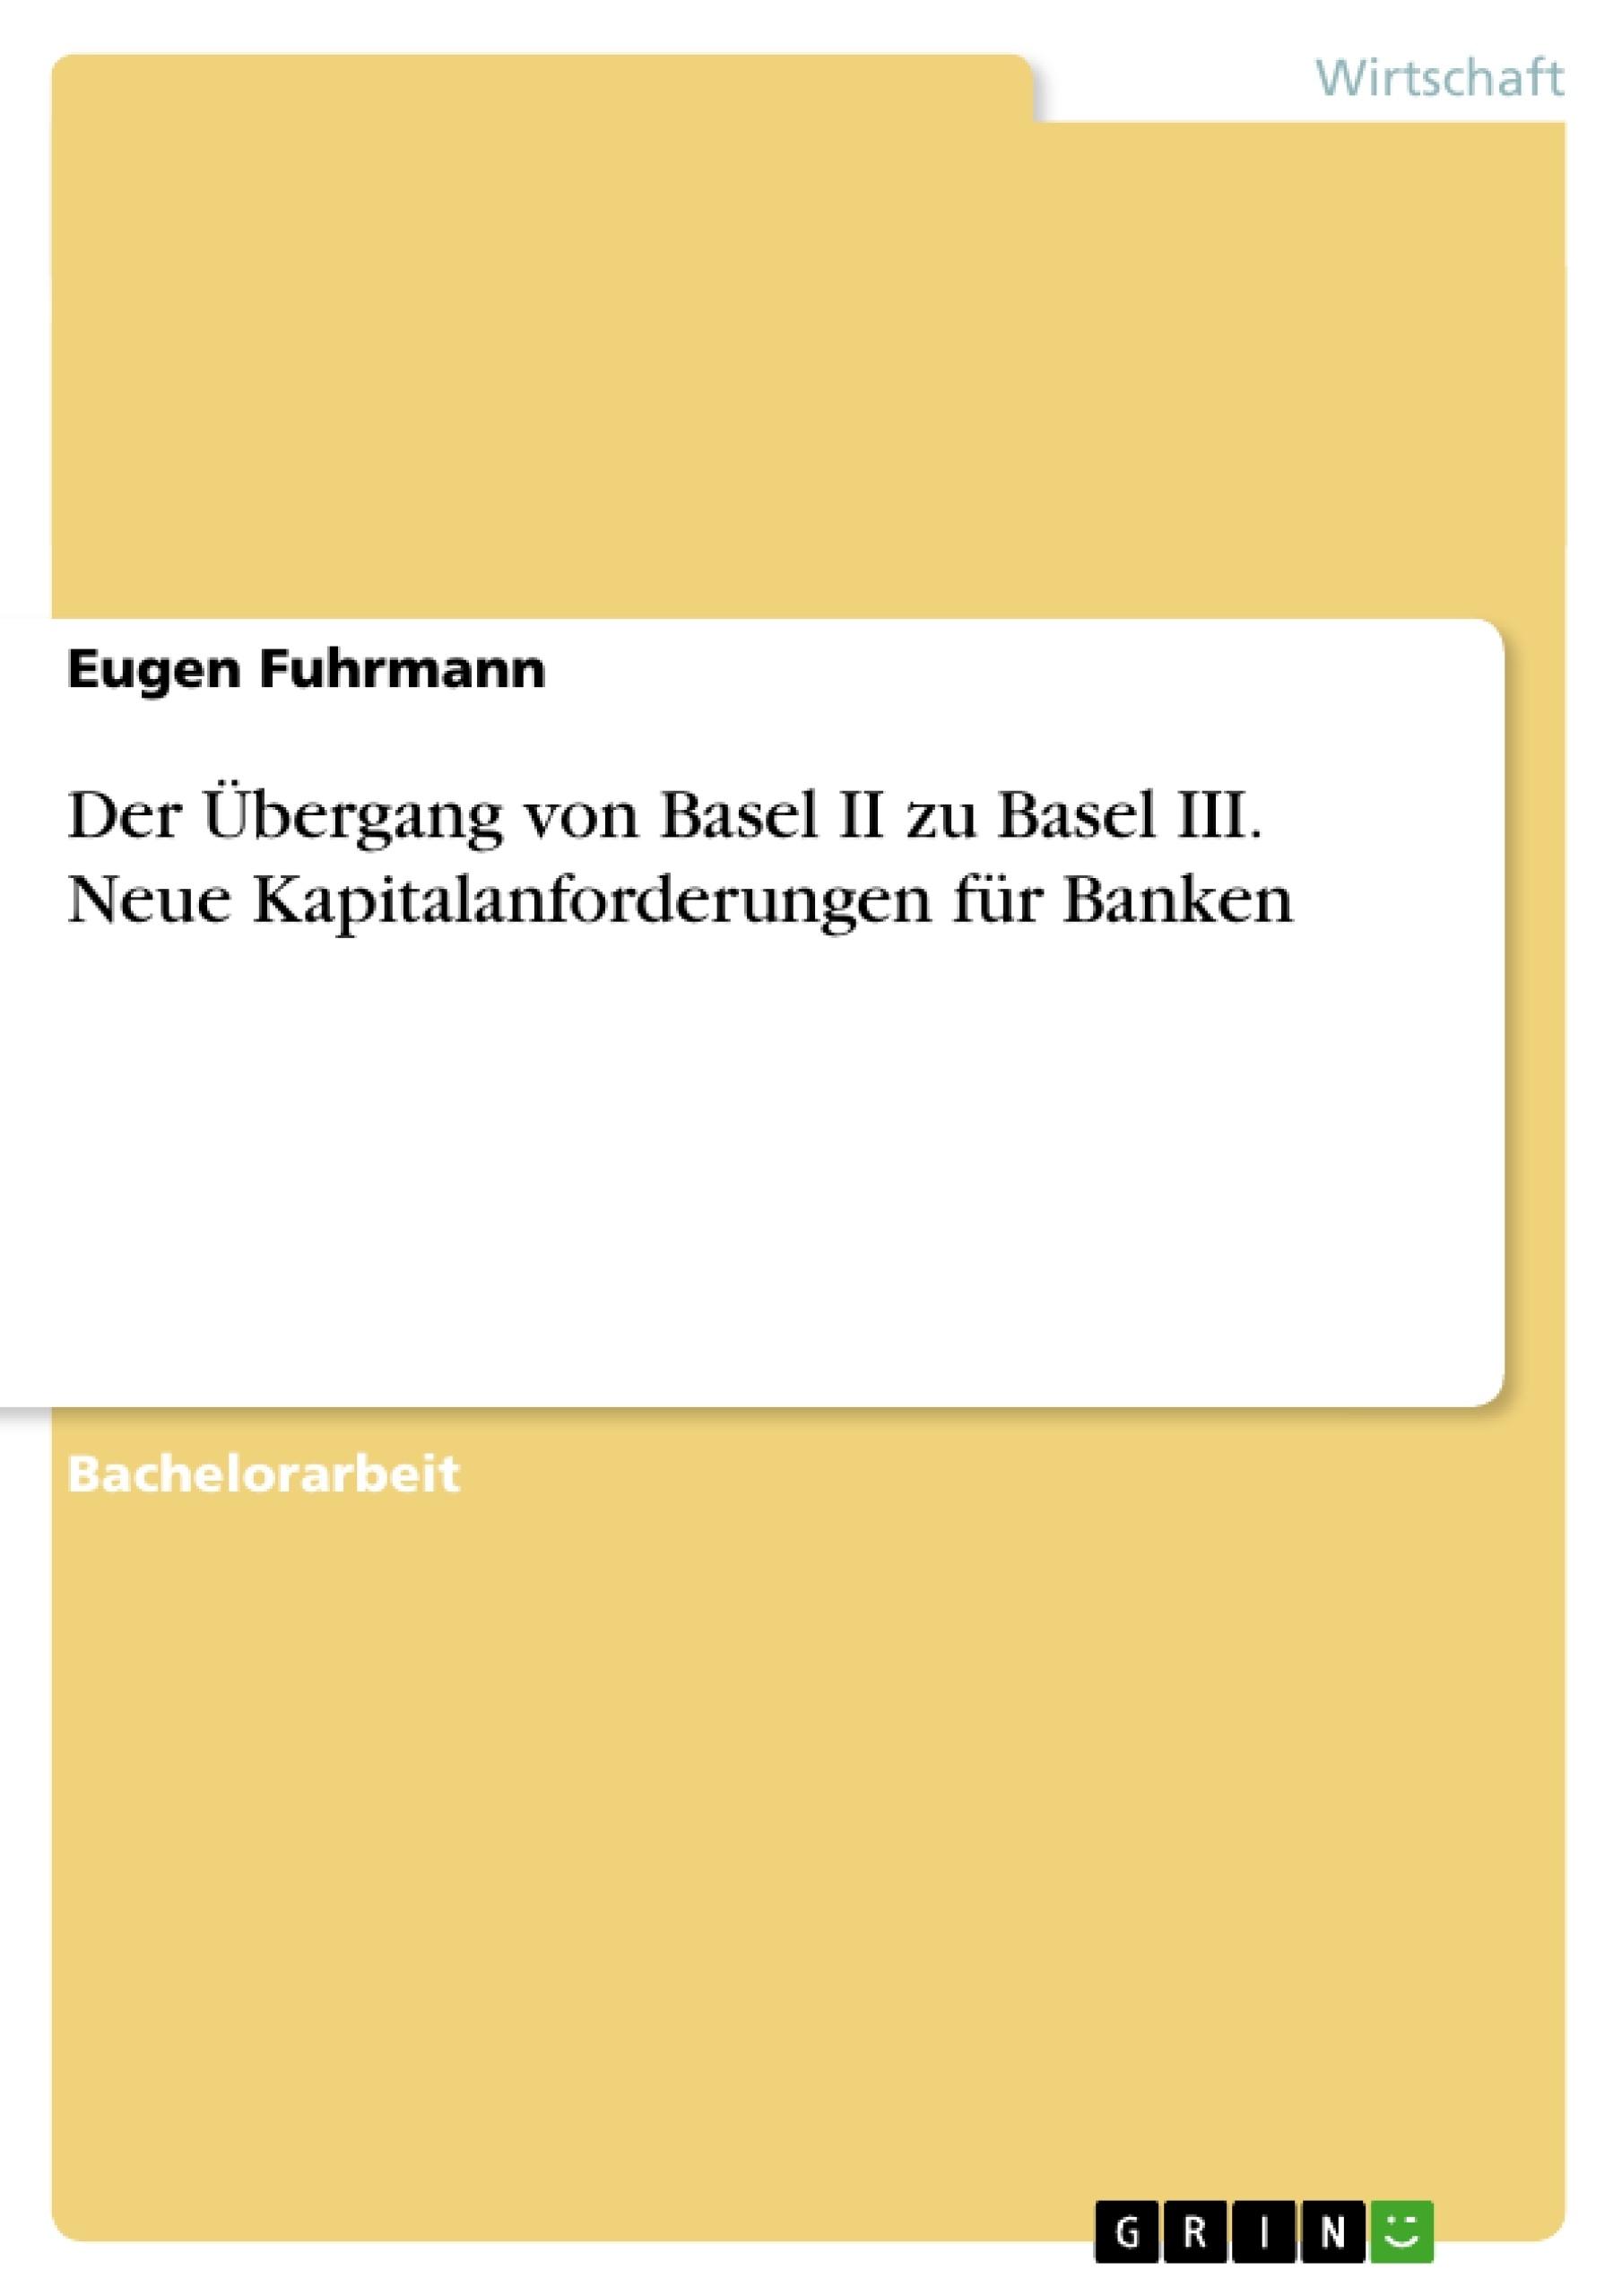 Titel: Der Übergang von Basel II zu Basel III. Neue Kapitalanforderungen für Banken